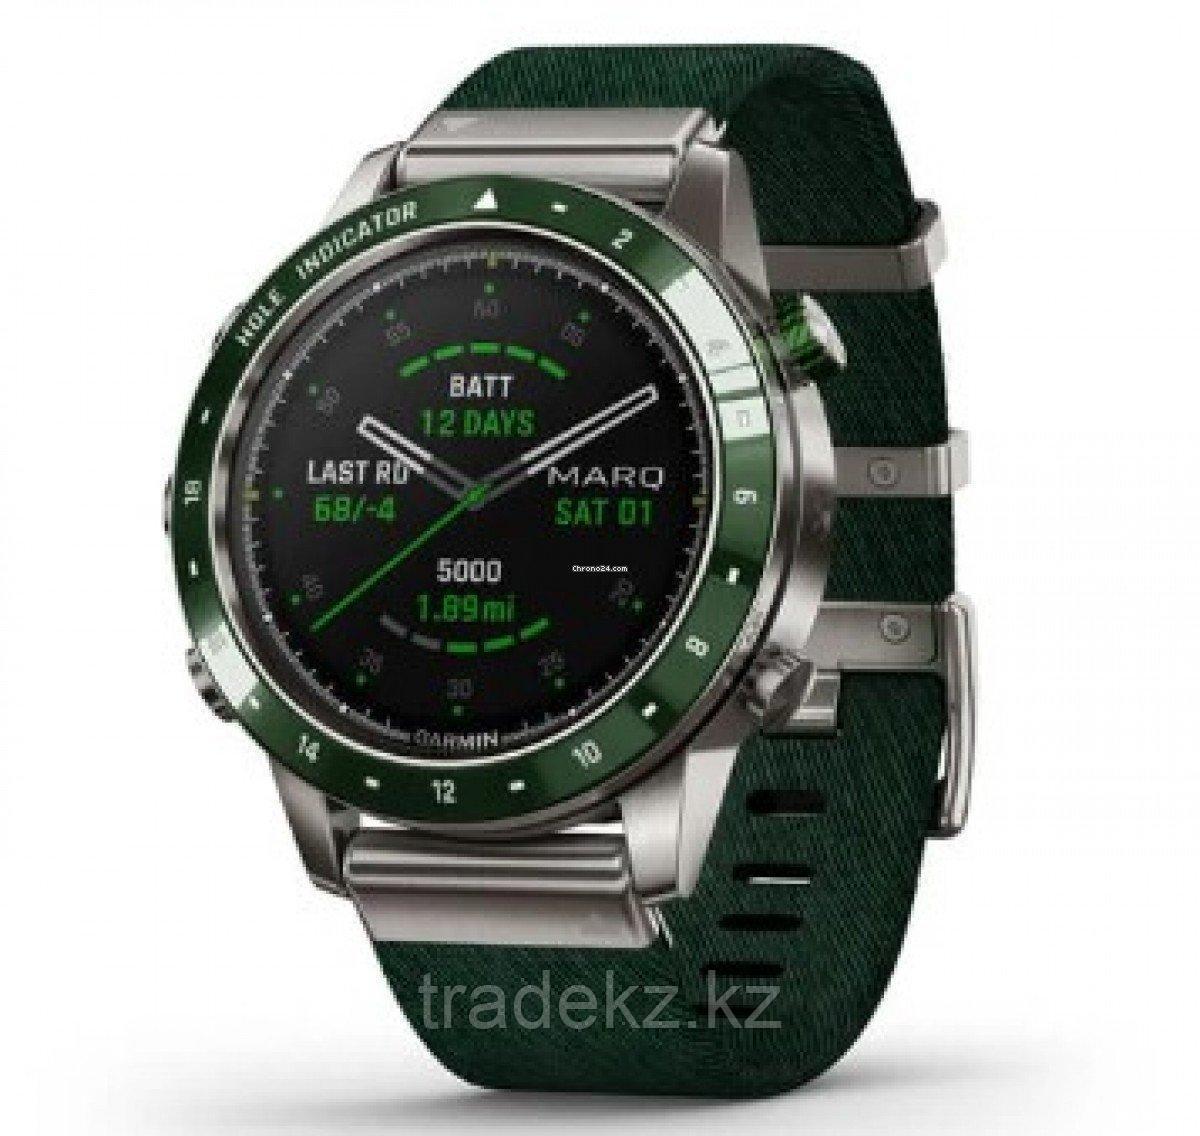 Спортивные часы с GPS навигатором Garmin MARQ™ Golfer (010-02395-00)